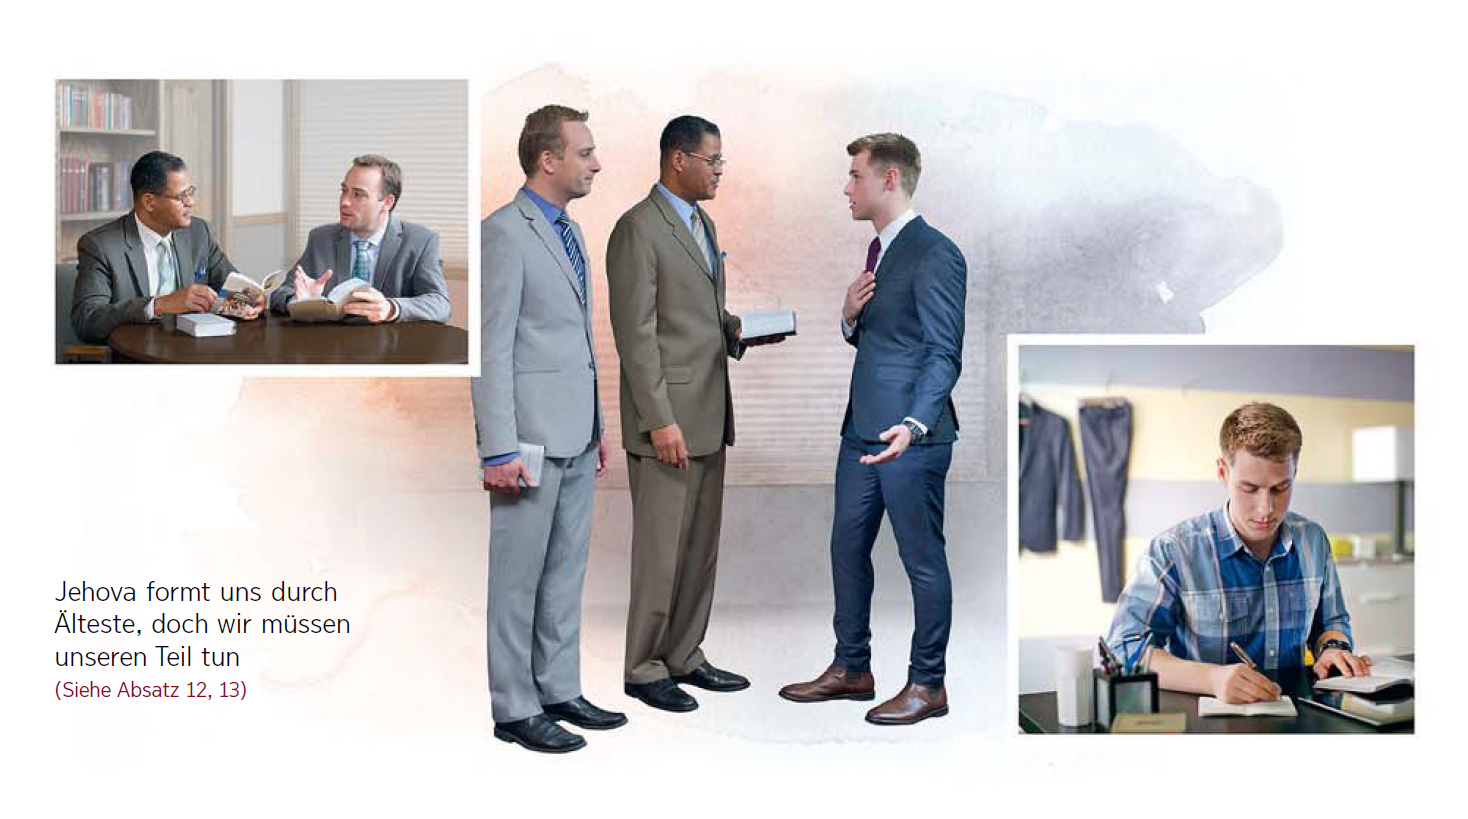 Hgp Der Zeugen Jehovas Blogger Begründet Die Enge Hosen